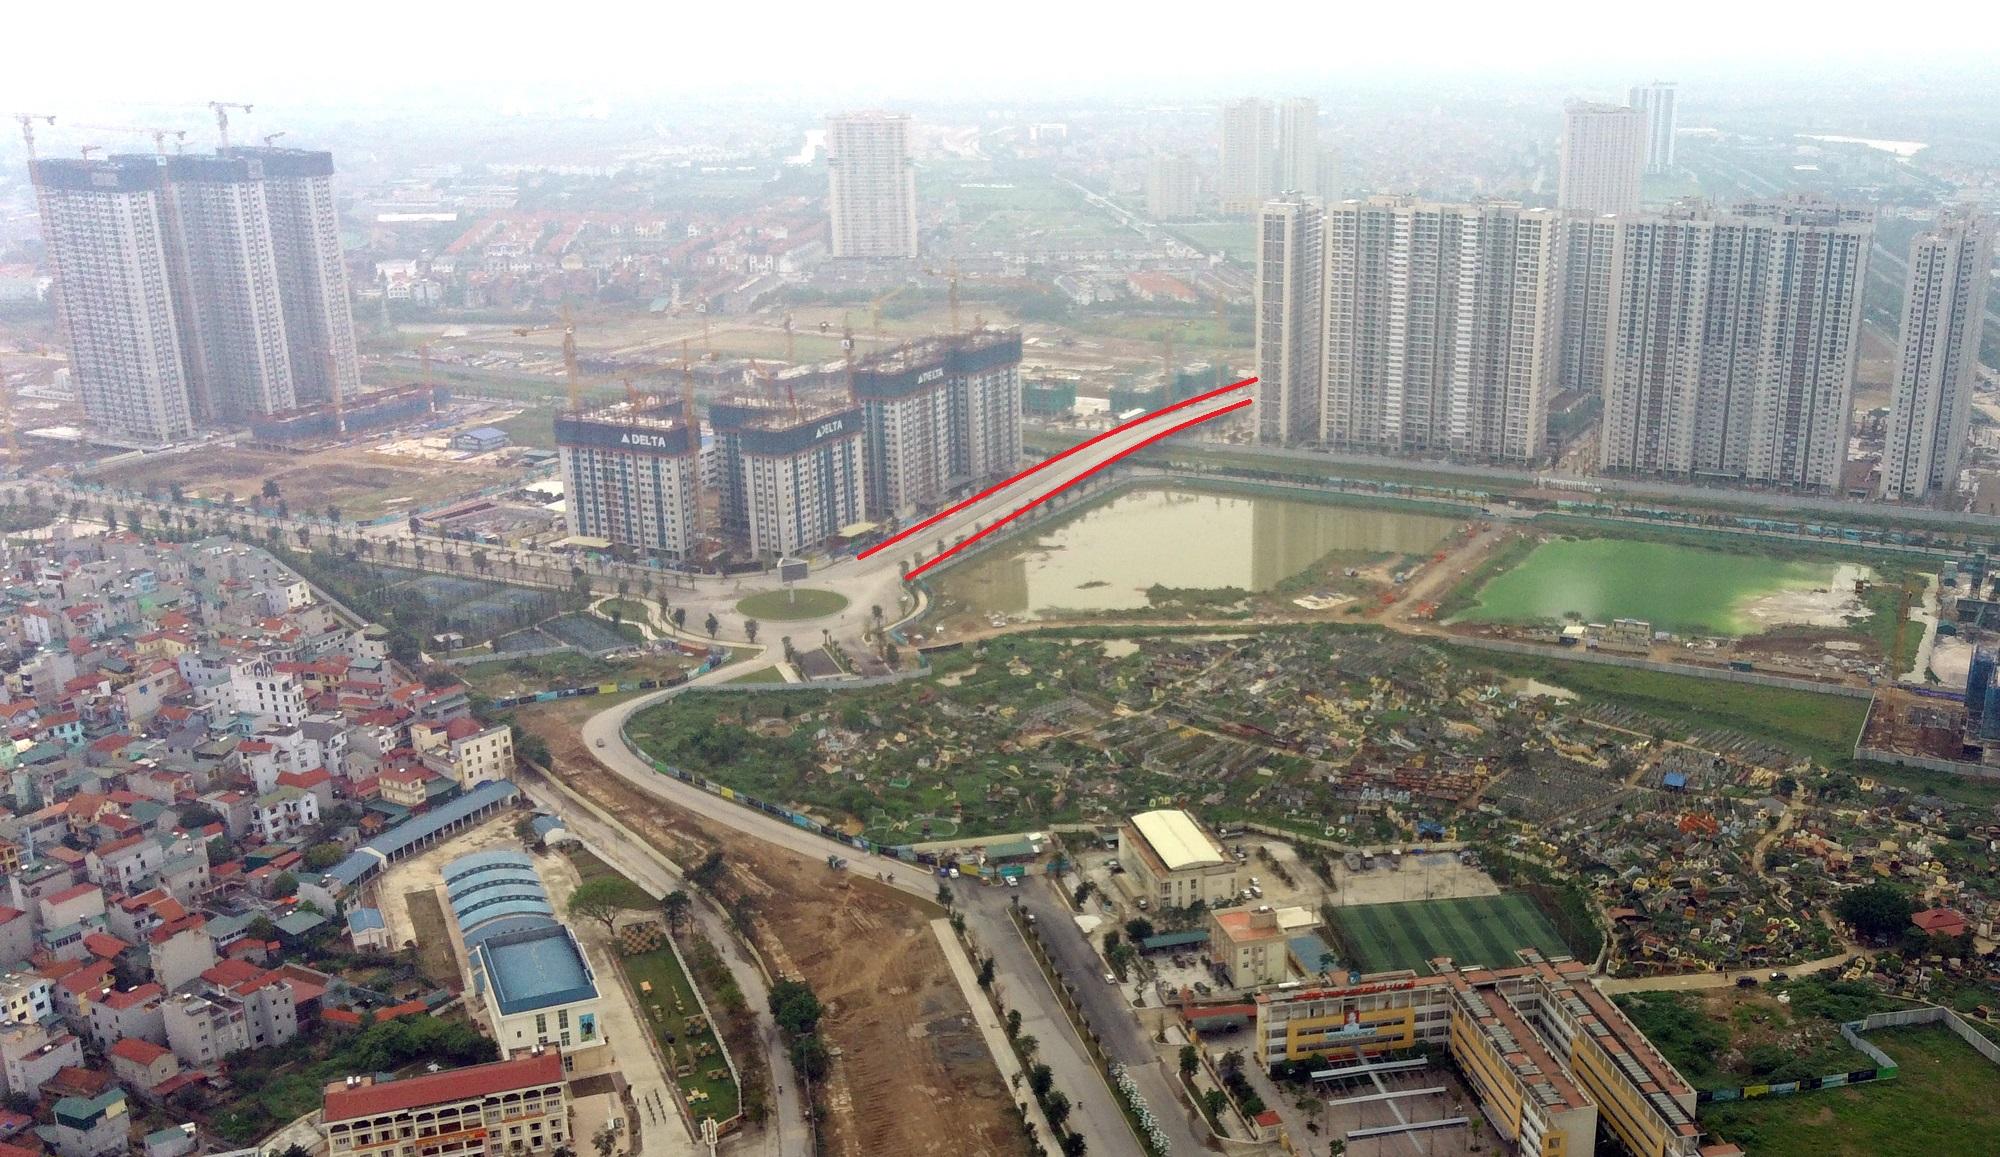 Kế hoạch sử dụng đất phường Tây Mỗ, Nam Từ Liêm, Hà Nội năm 2021 - Ảnh 1.